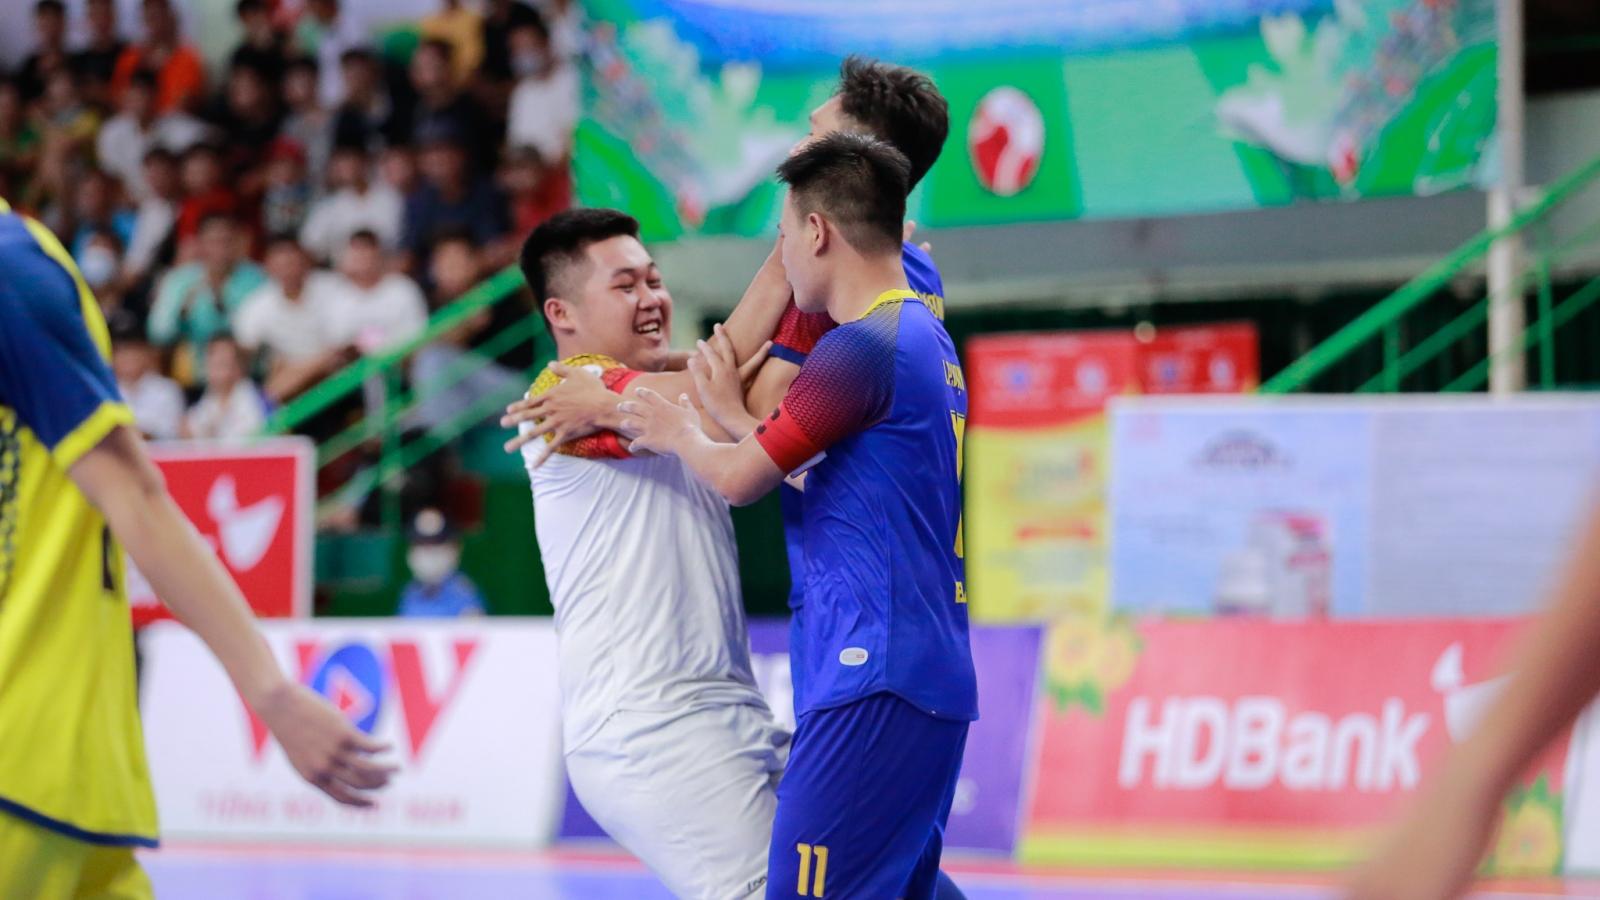 Futsal HDBank VĐQG 2020: Phản công sắc bén, Quảng Nam hạ gục Cao Bằng